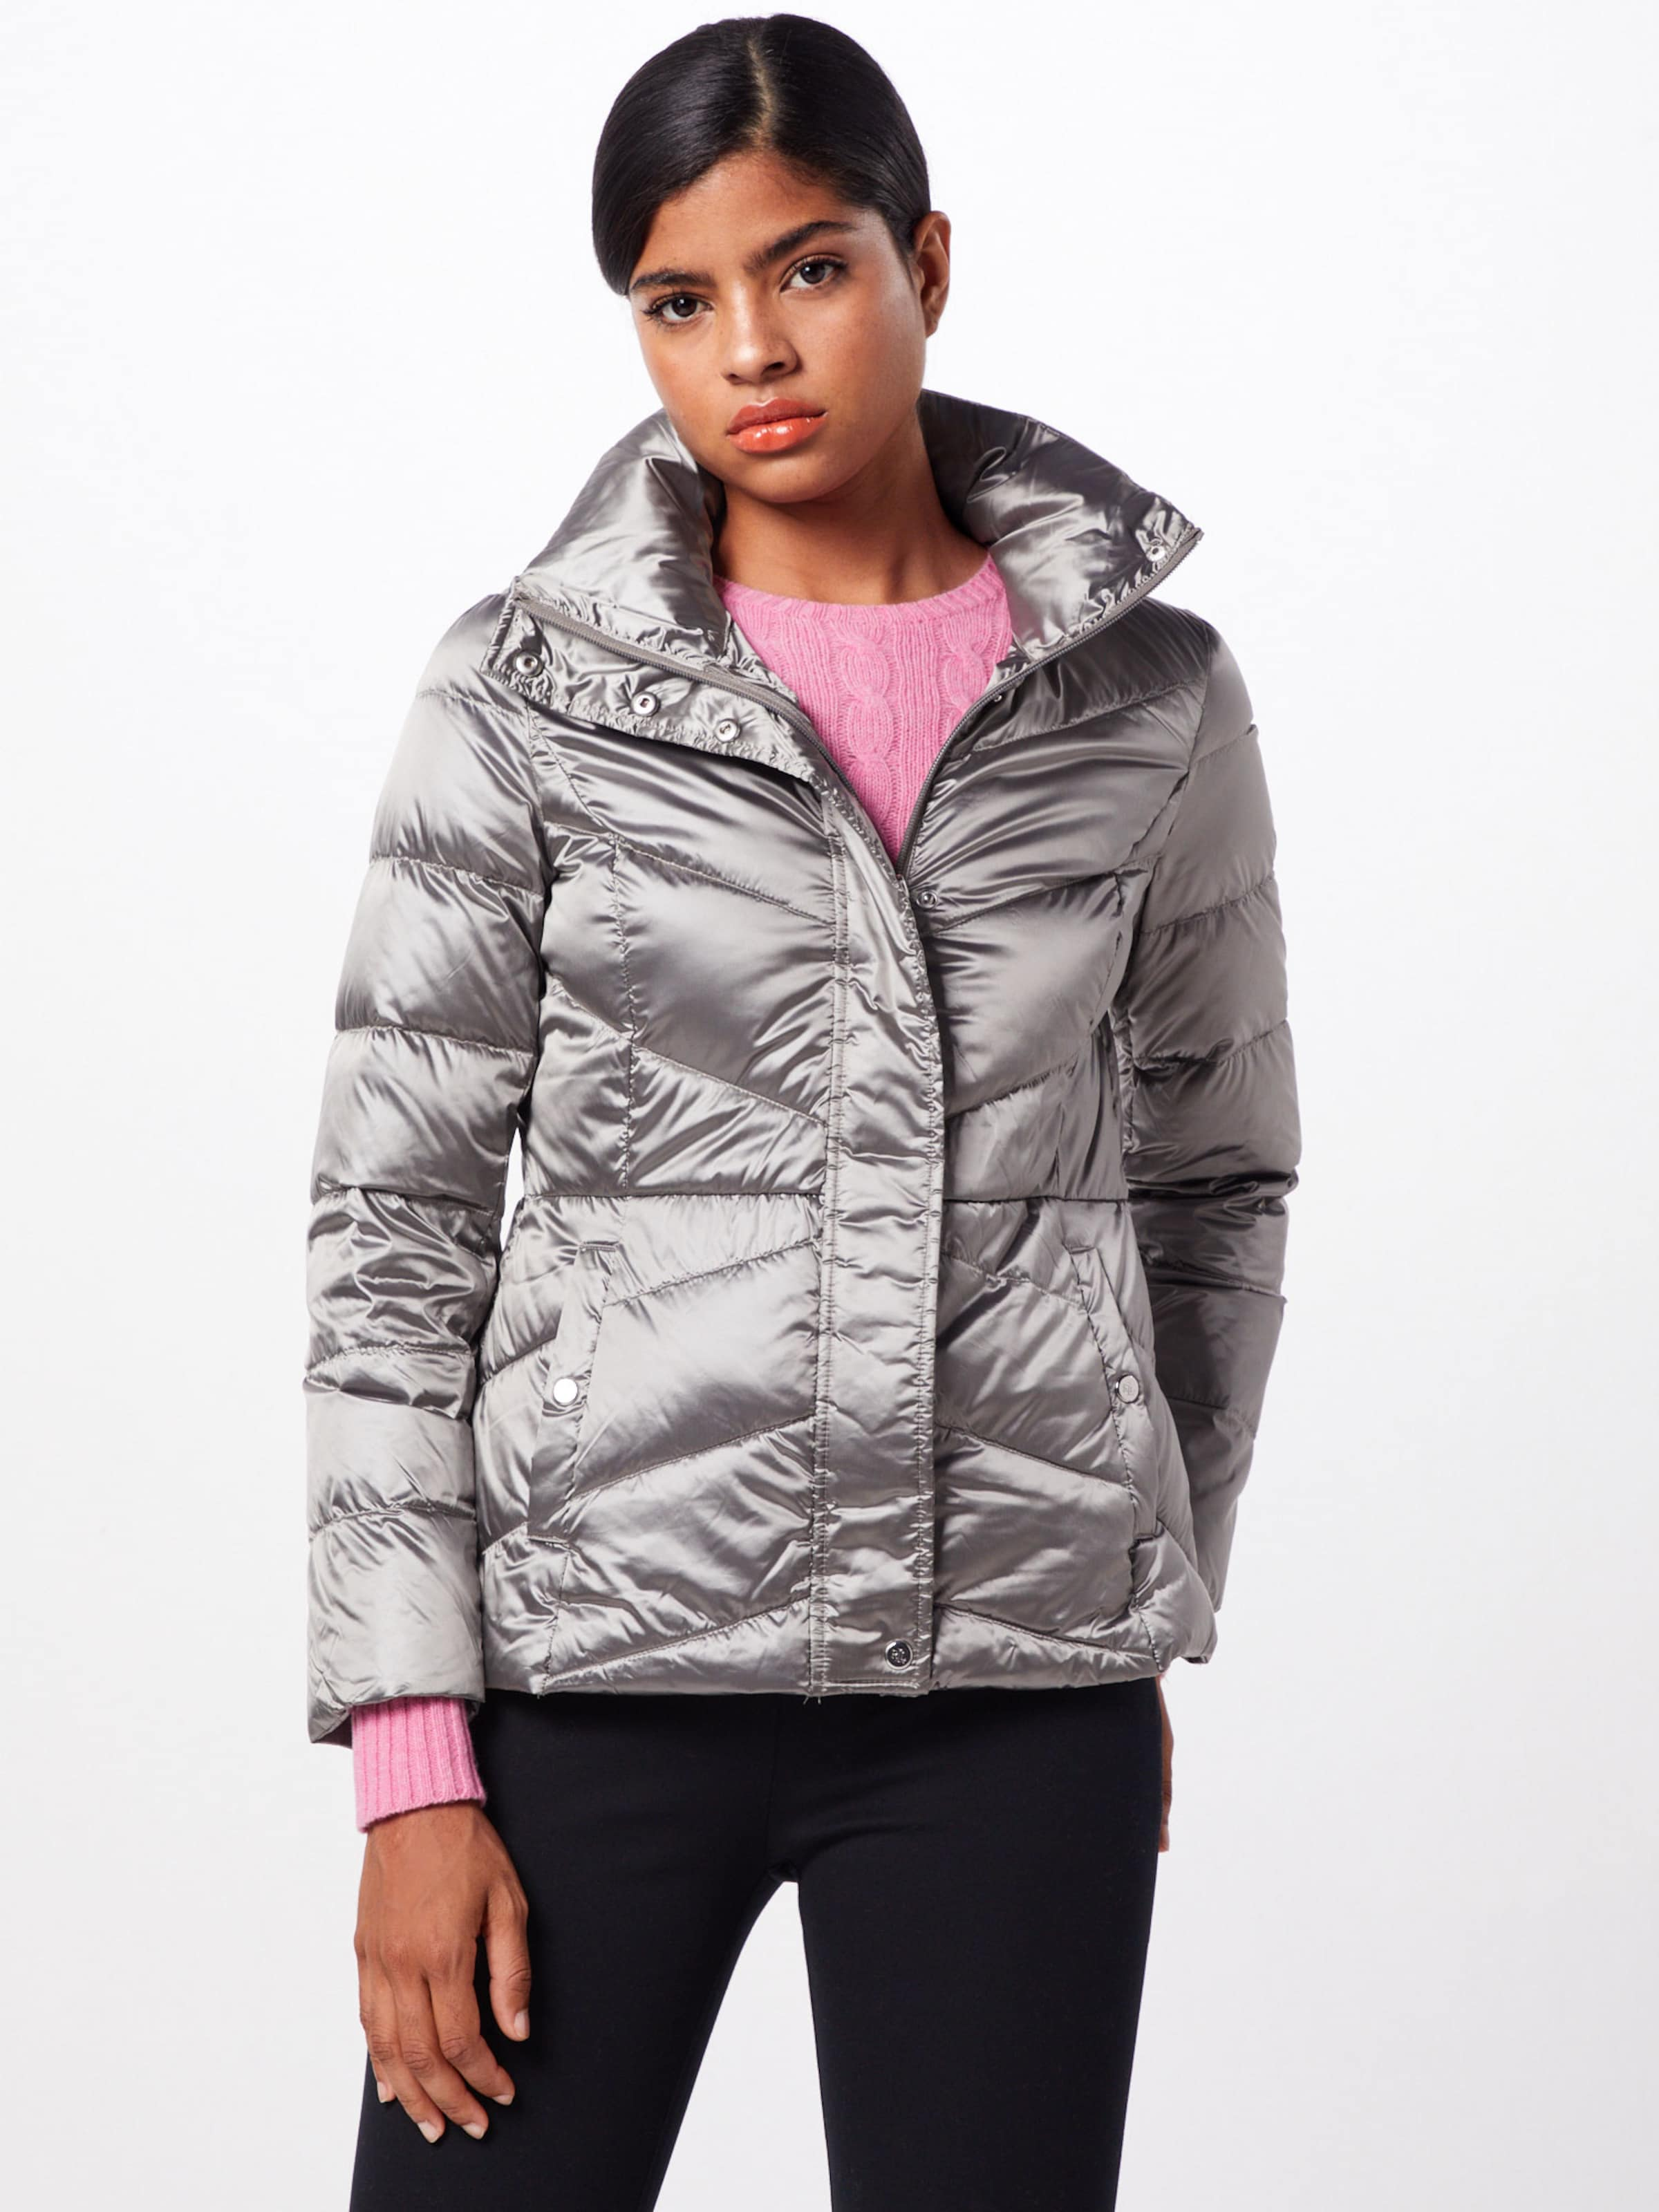 De 'mtl Veste jacket' Lie En saison Lauren Mi Packable Ralph Vin bYf6g7y